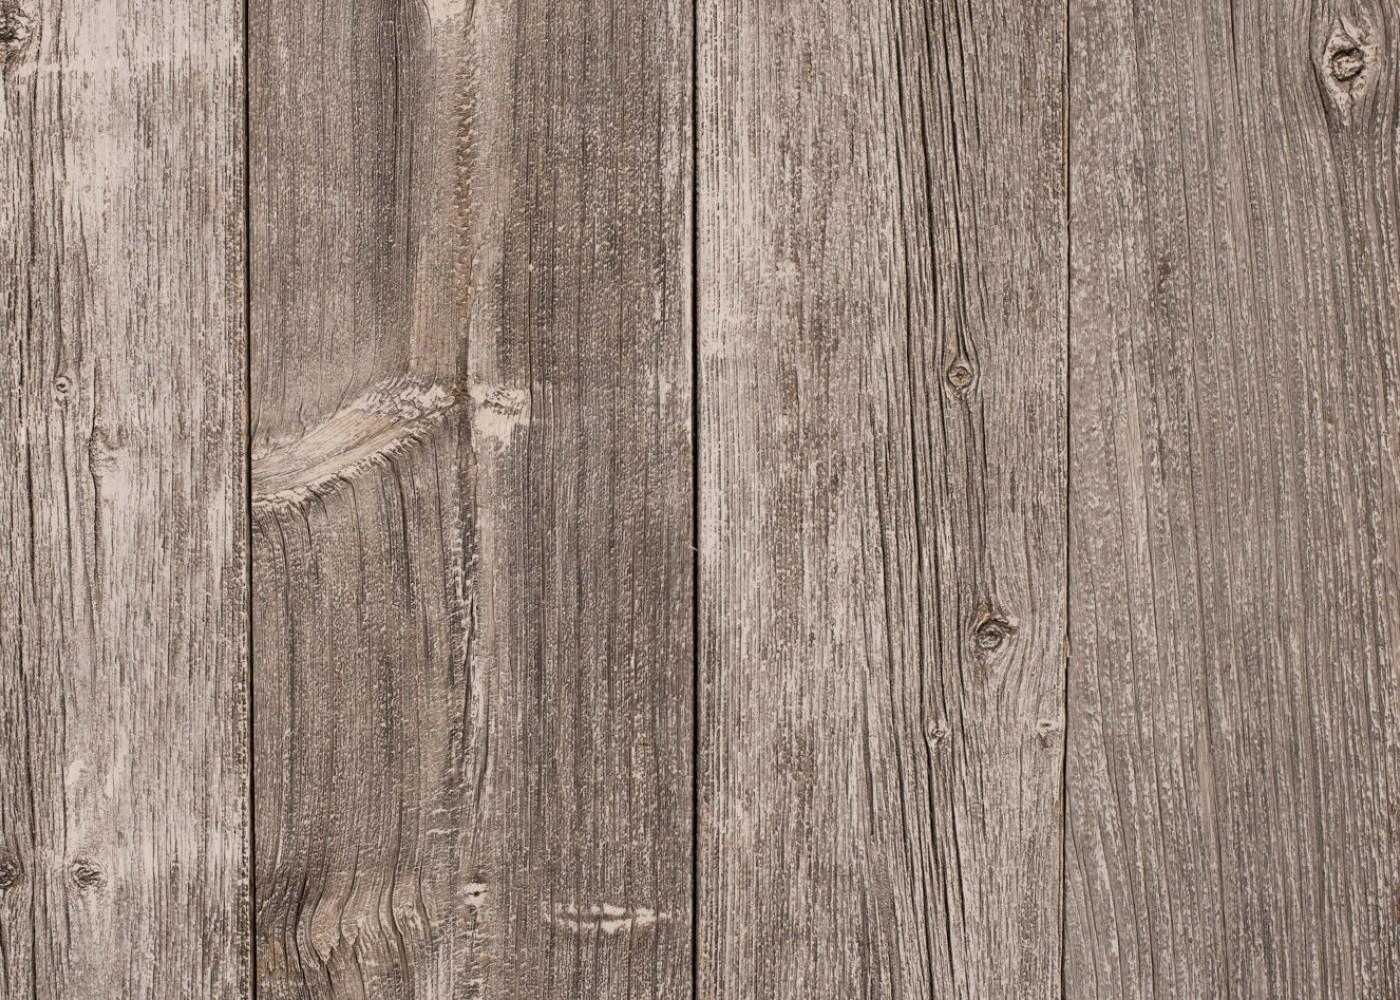 bardage bois us campagne vieilli peinture d 39 aujourd 39 hui blanc l ger chant ancien ou d lign la. Black Bedroom Furniture Sets. Home Design Ideas